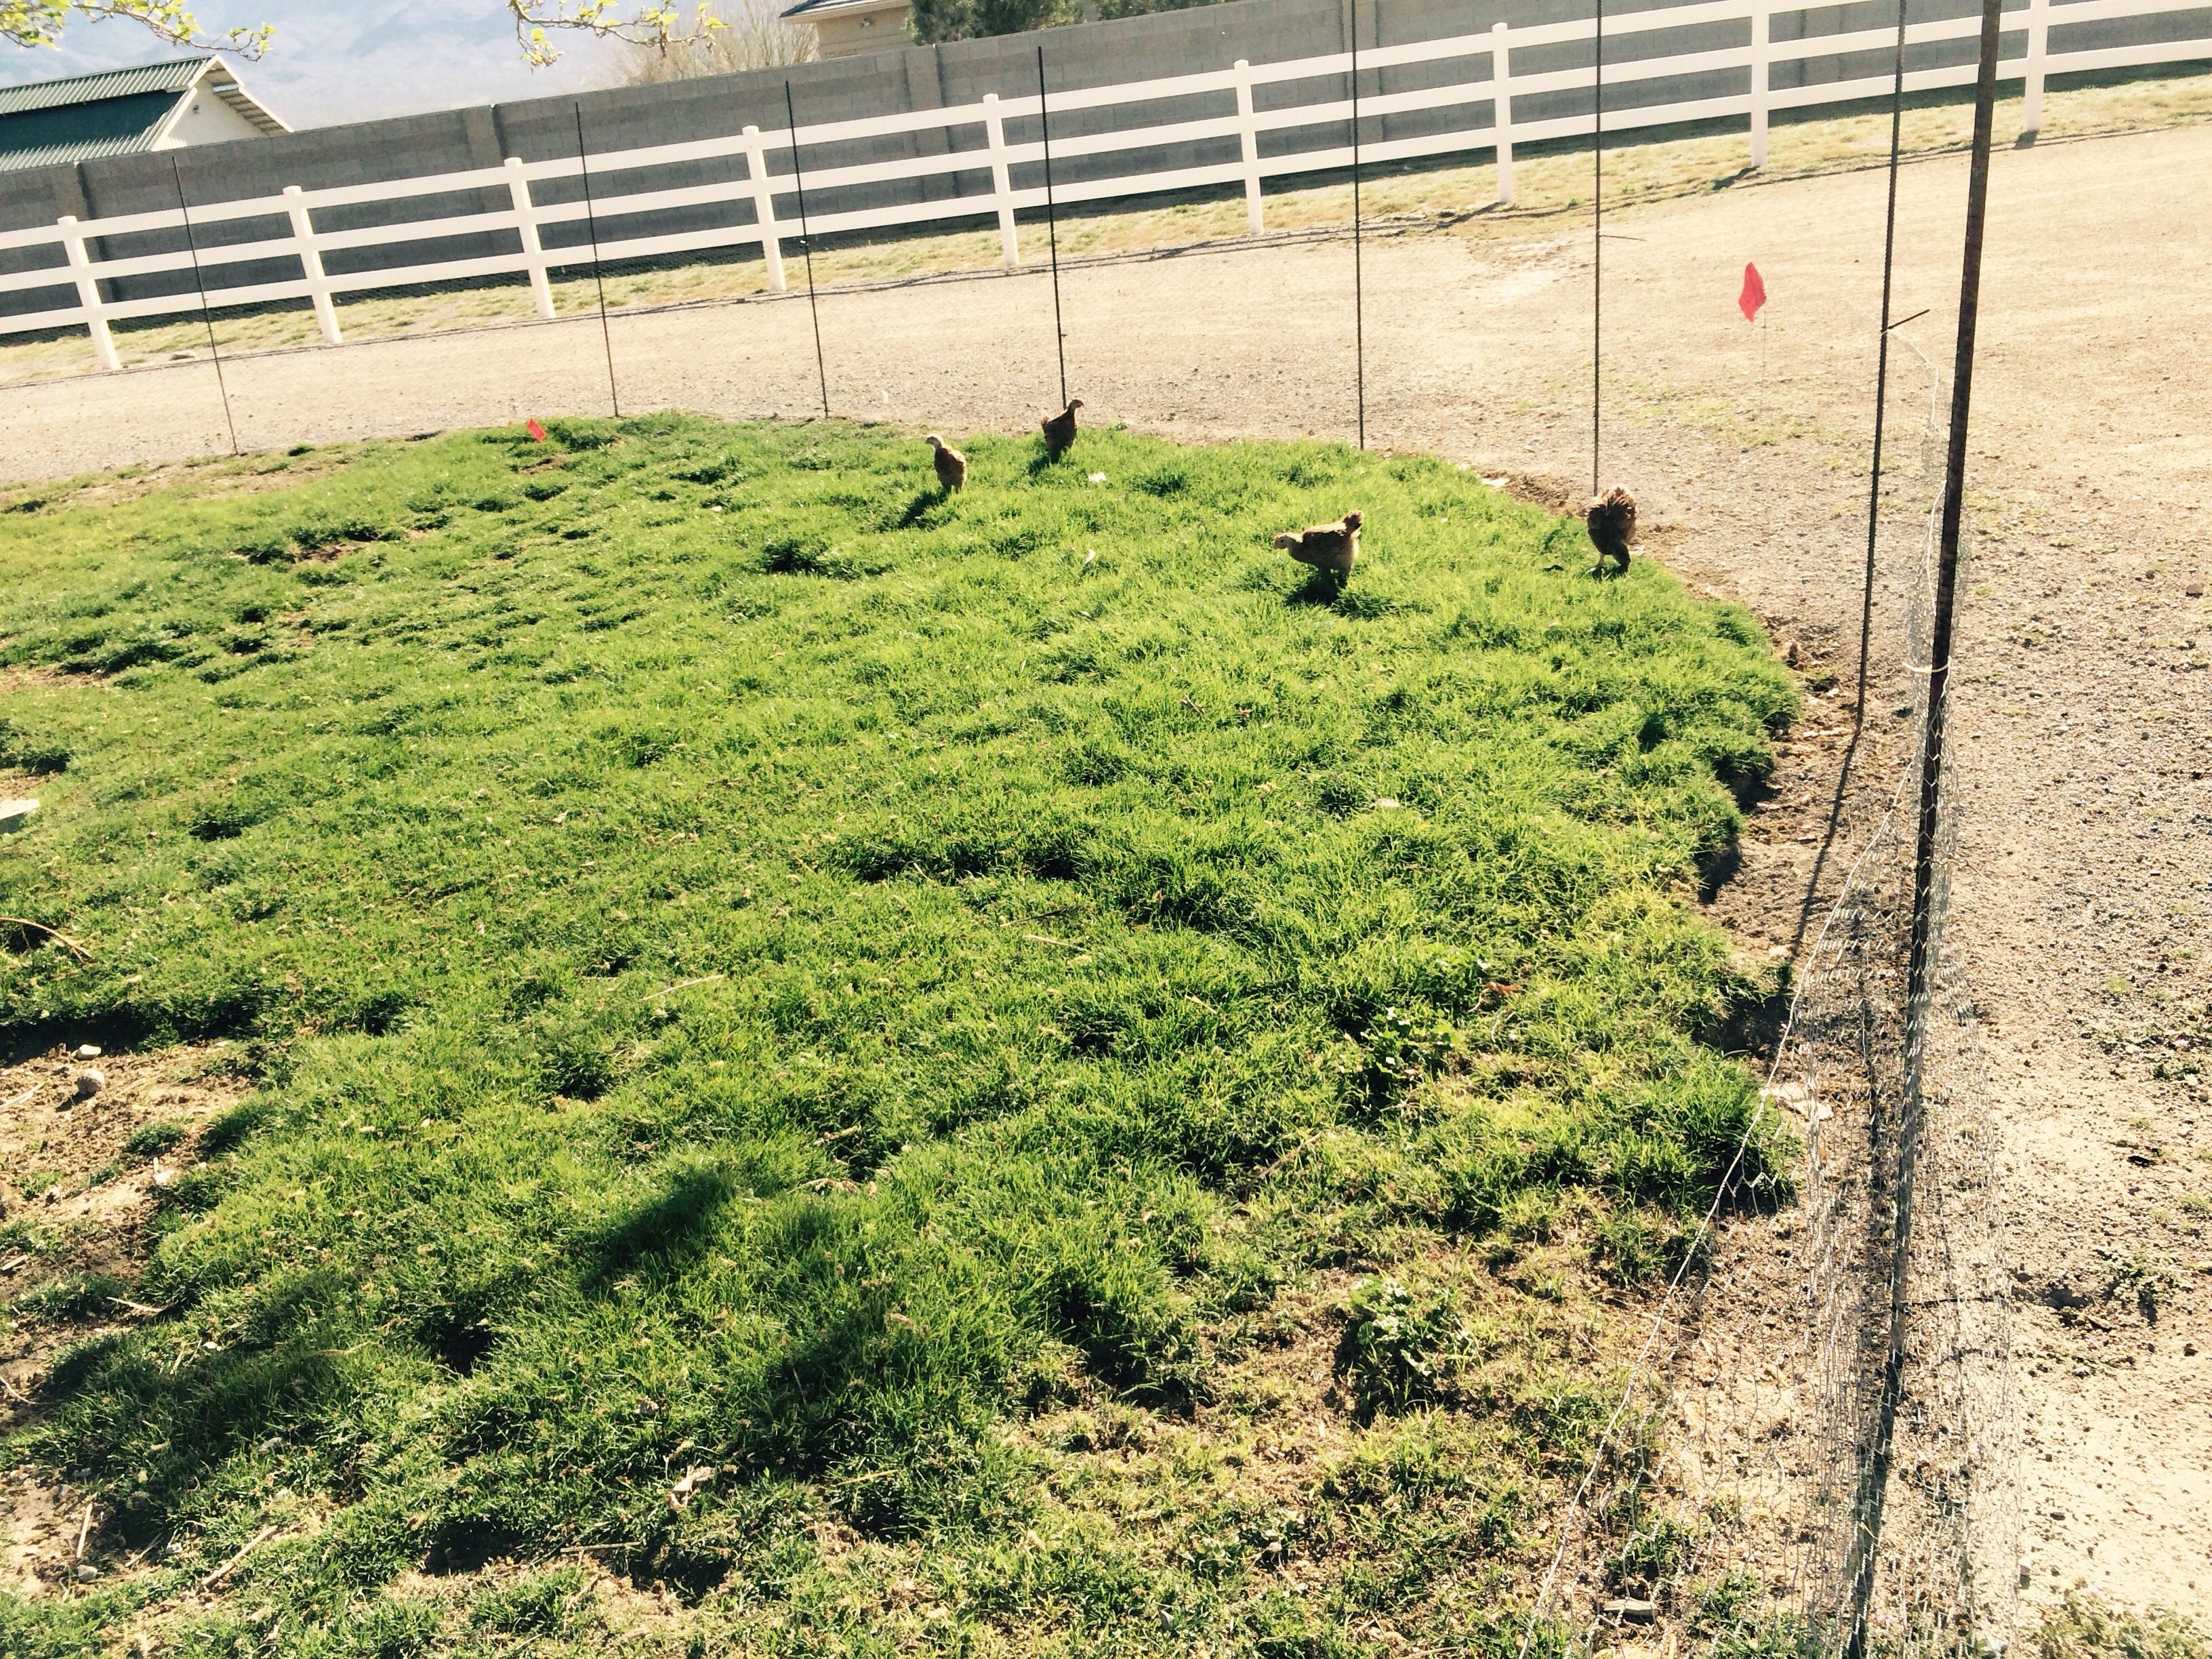 They enjoy running around the pasture